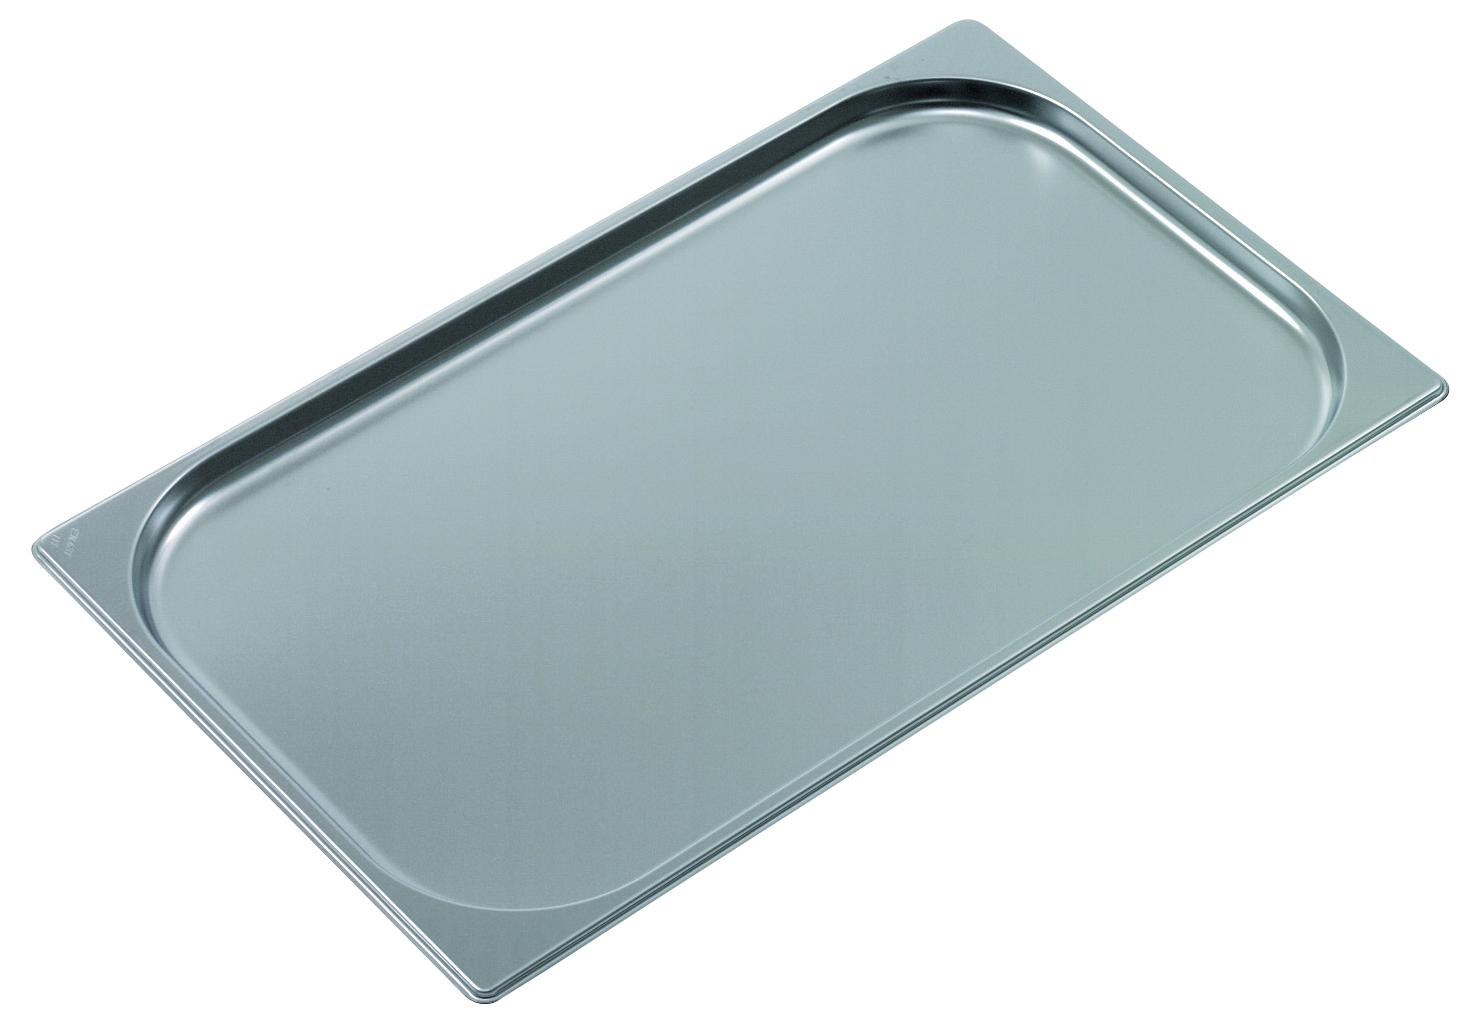 Bartcher Bakblik - 1/1 GN, 20 mm diep - met versterkte rand